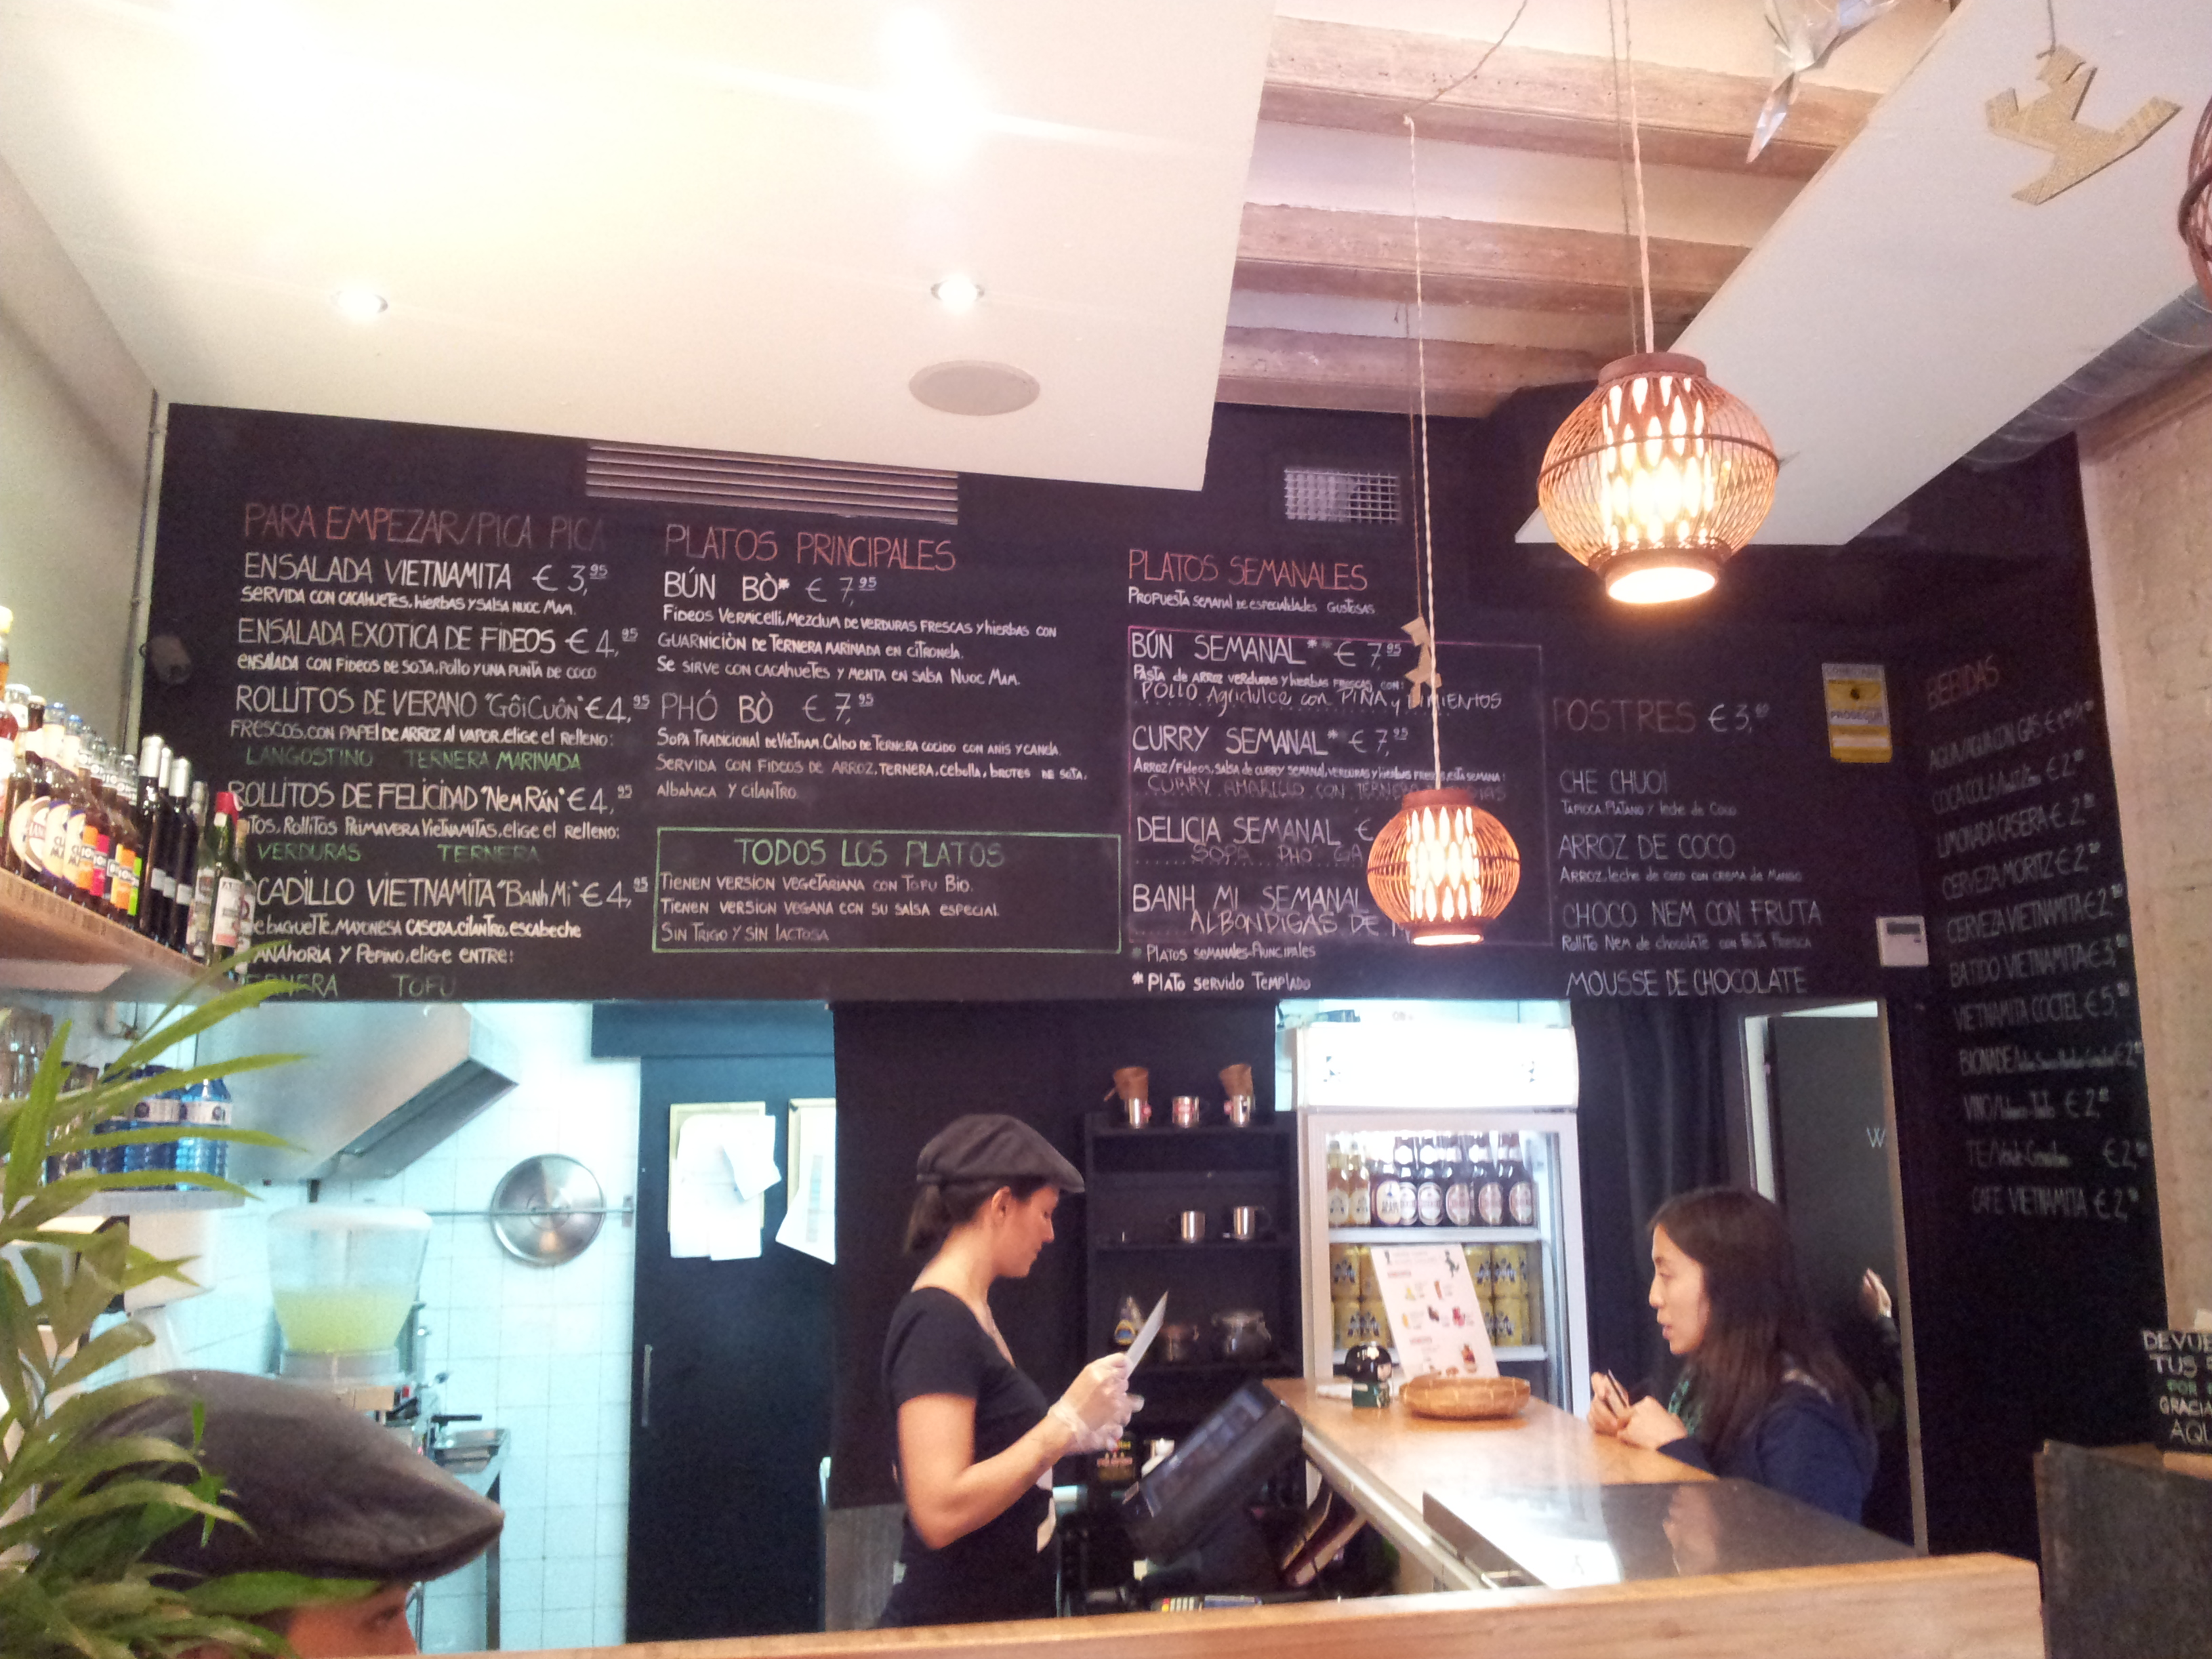 La vietnamita restaurante vietnamita en barcelona bien - Restaurante vietnamita barcelona ...